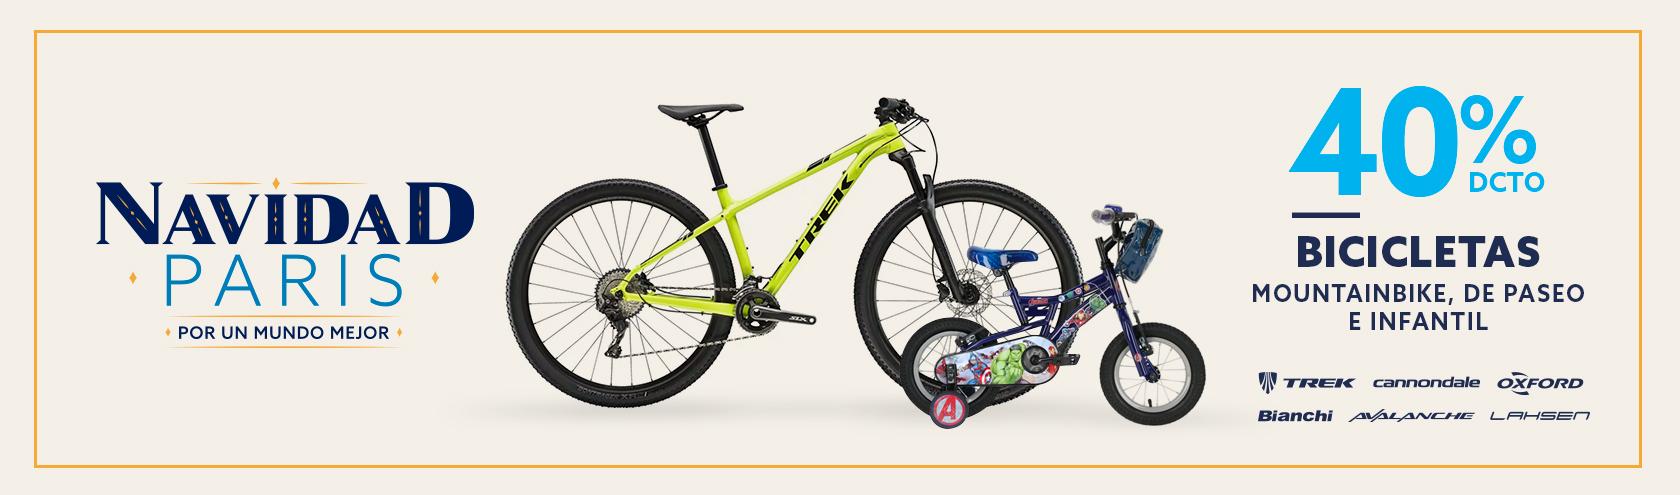 40 porciento de descuento en Bicicletas Mountain Bike, De Paseo e Infantiles